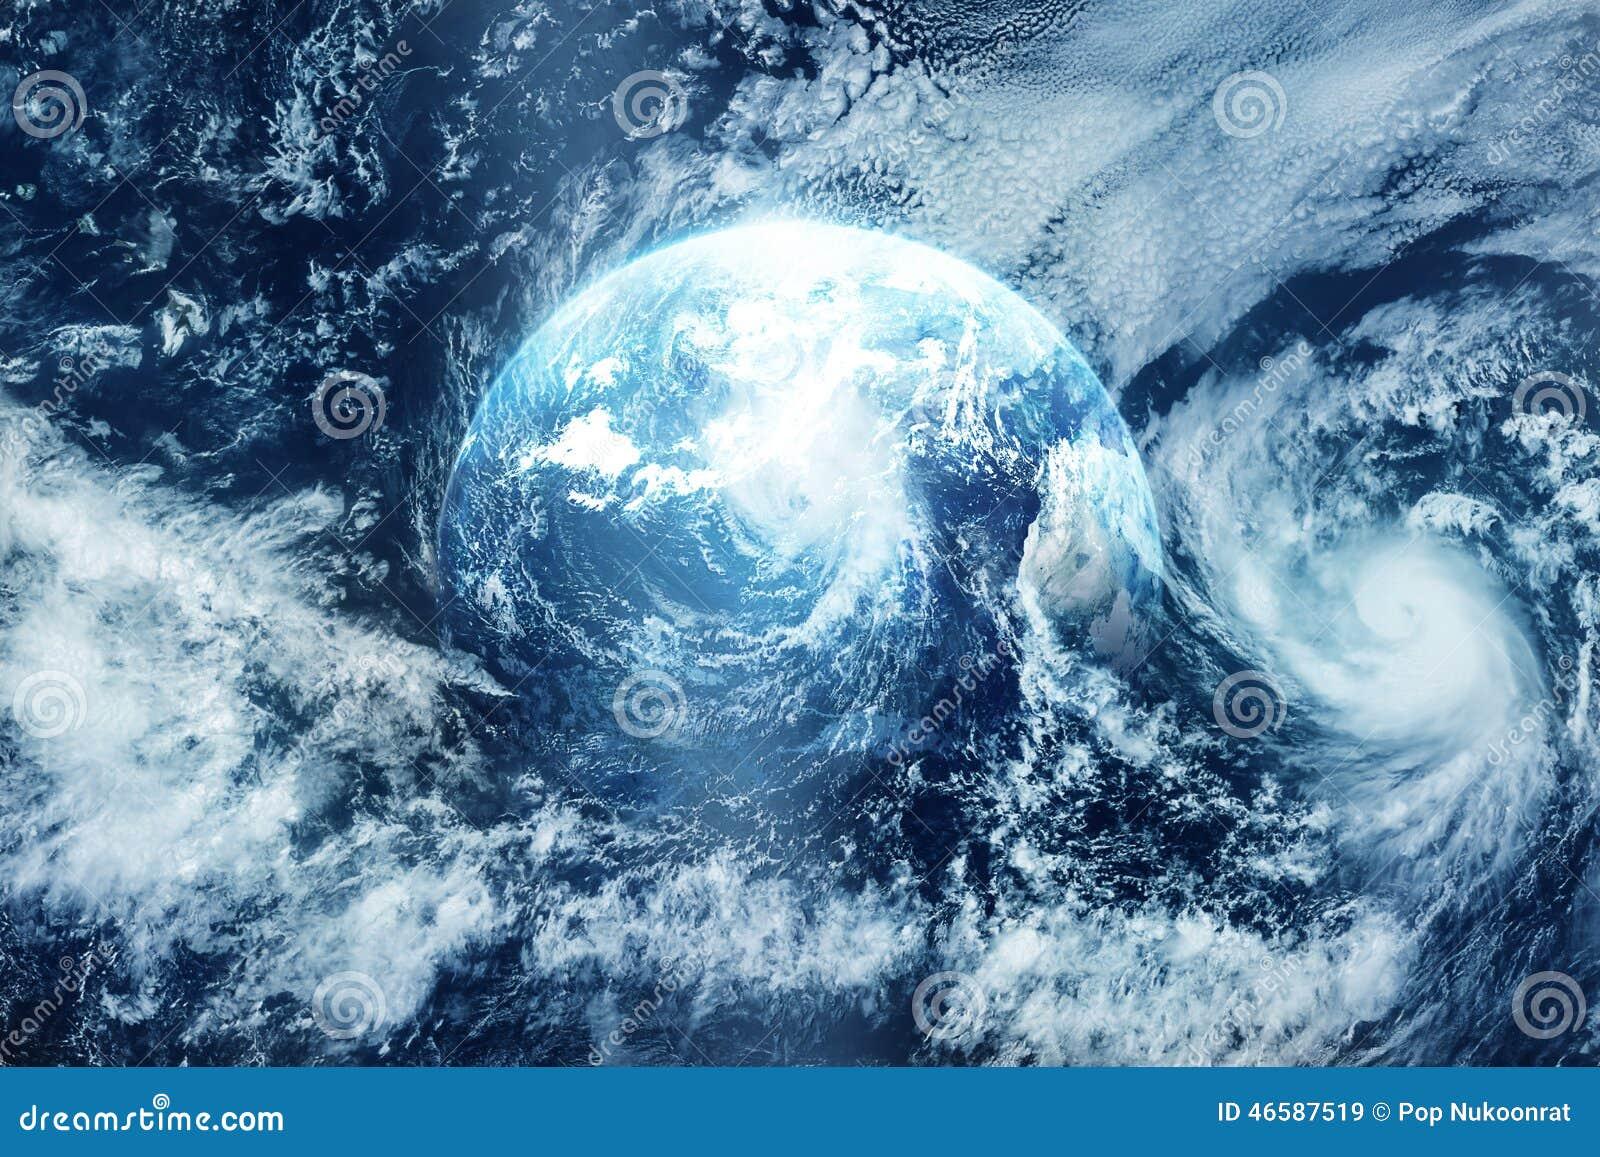 Ataque na terra, vista do espaço, imagem original da NASA